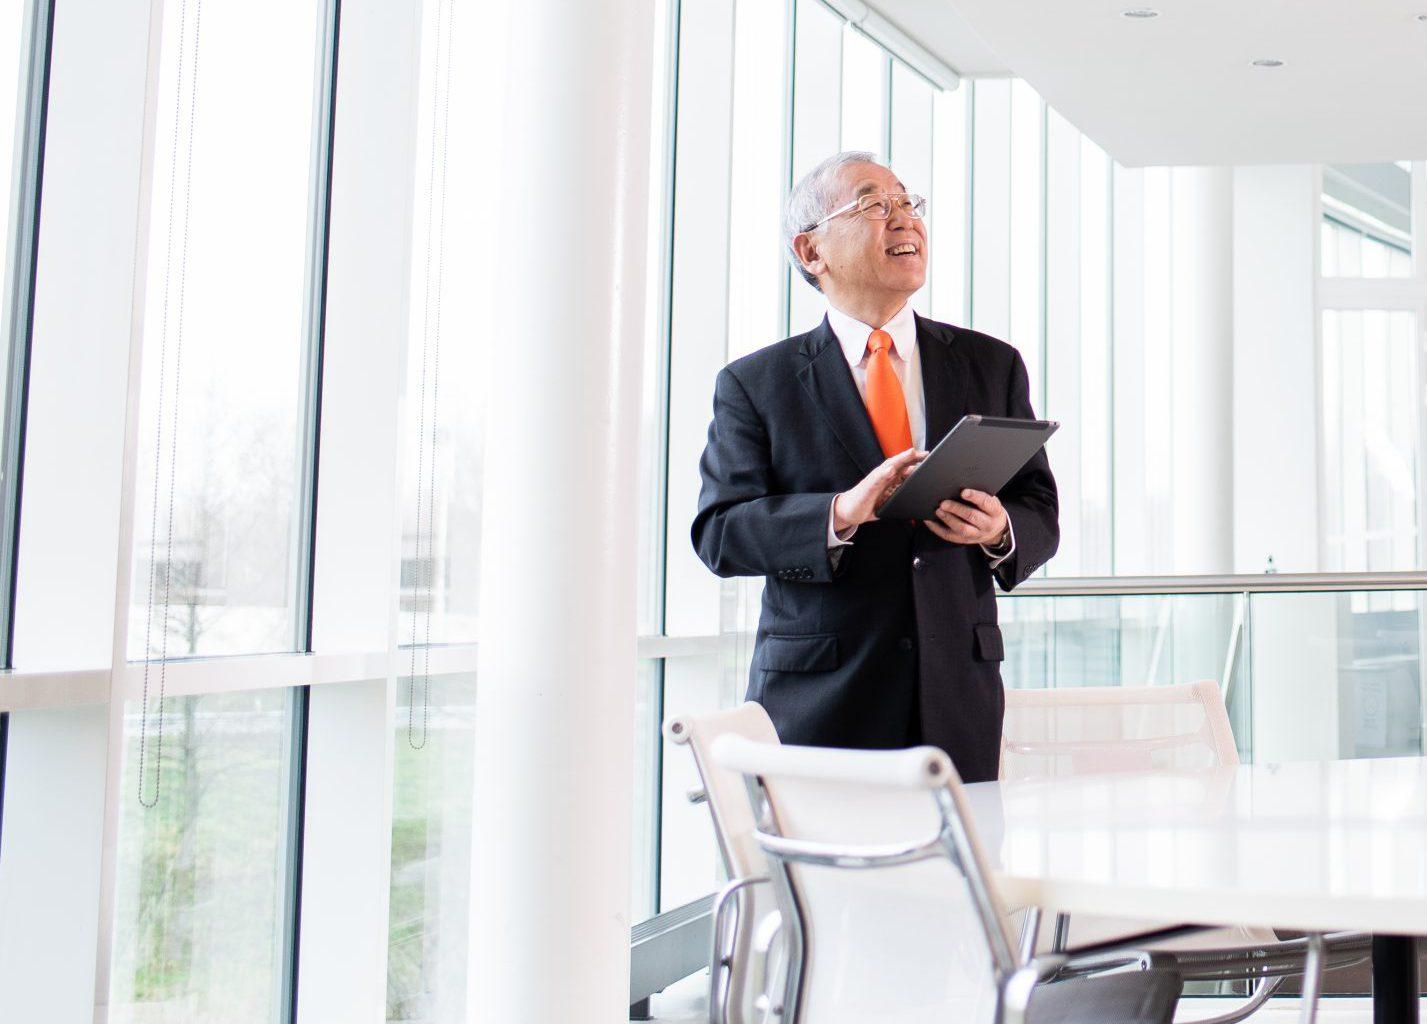 'We kunnen ons enorm potentieel ontsluiten door als één team in de waardeketen te acteren'